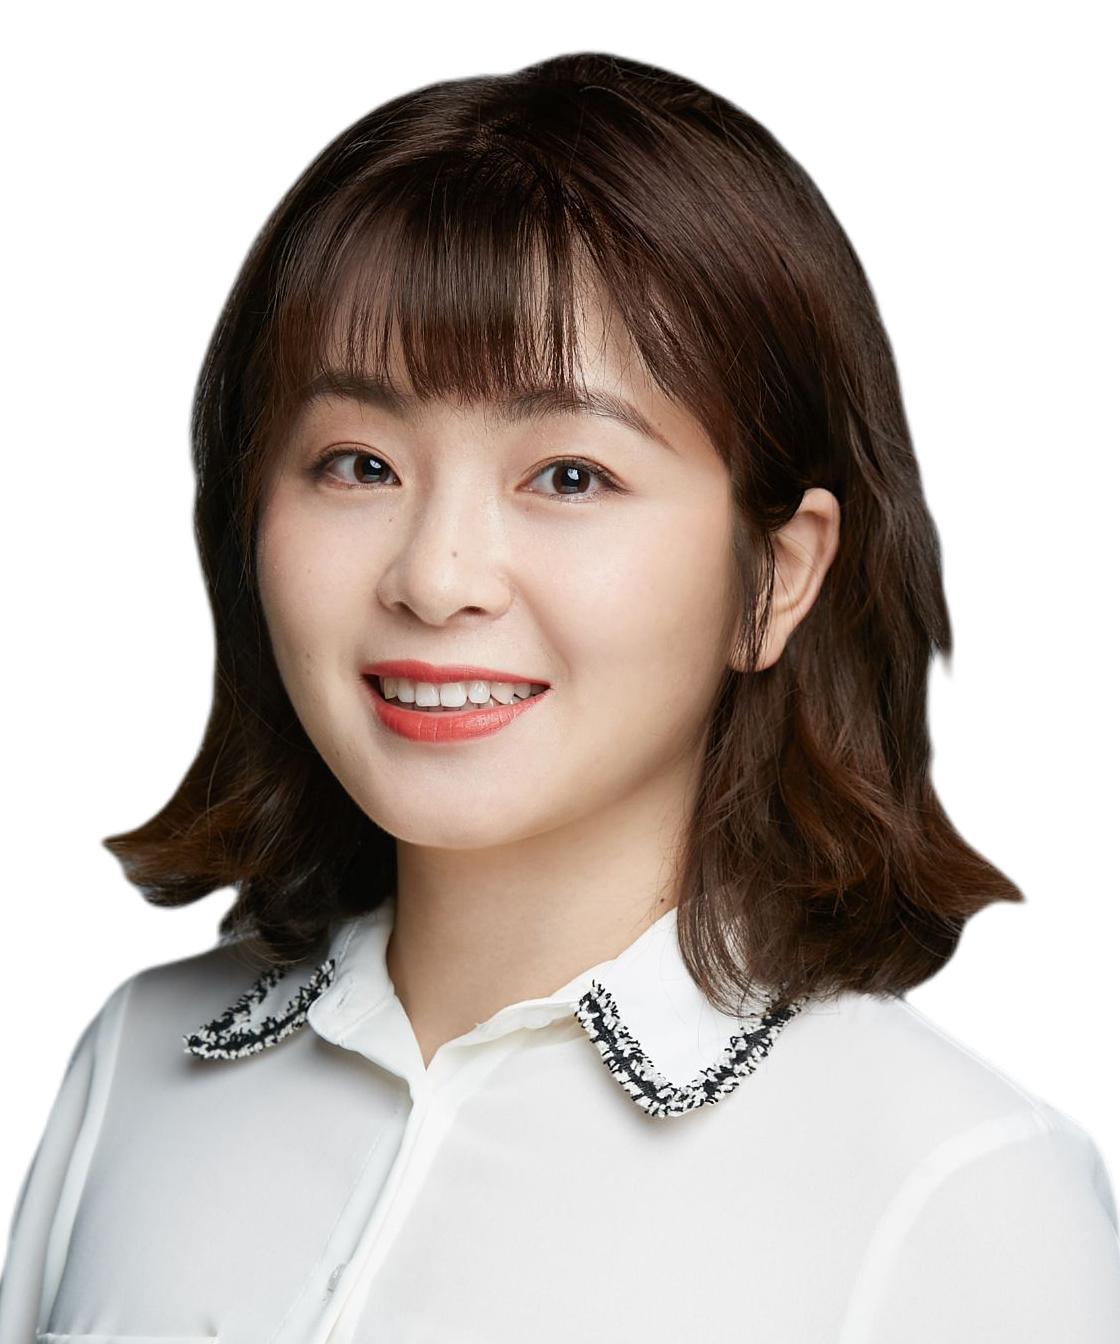 崔嘉琪 竞天公诚律师事务所 跨境担保